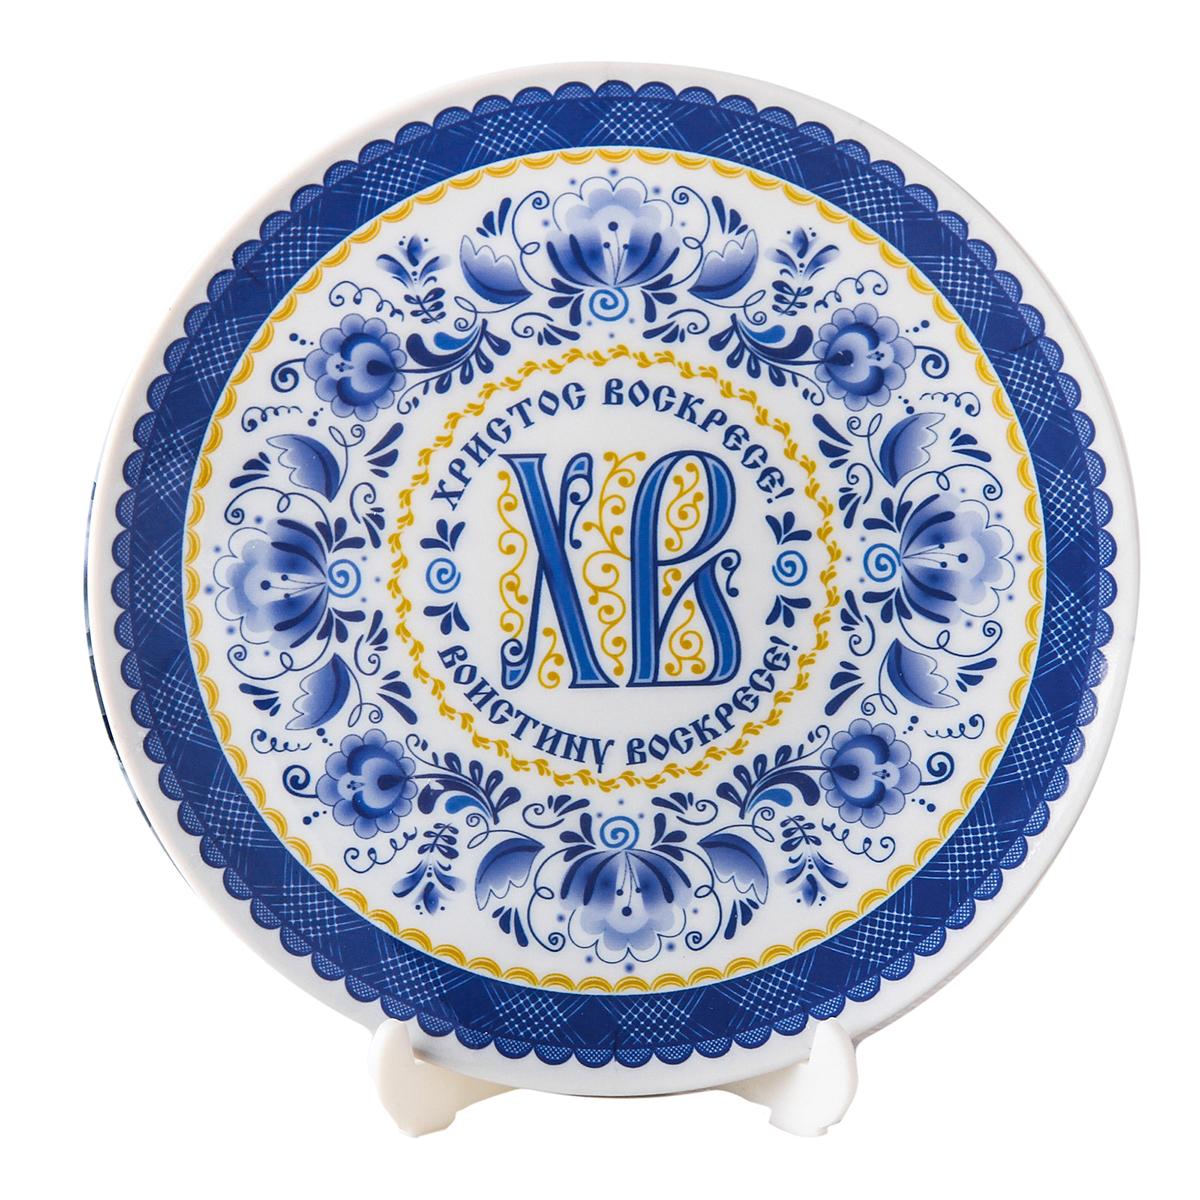 Тарелка Гжель, цвет: голубой, диаметр 20 см. 28753612875361Тарелка сувенирная с сублимацией Гжель — сувенир в полном смысле этого слова. И главная его задача — хранить воспоминание о месте, где вы побывали, или о том человеке, который подарил данный предмет. Преподнесите эту вещь своему другу, и она станет достойным украшением его дома.